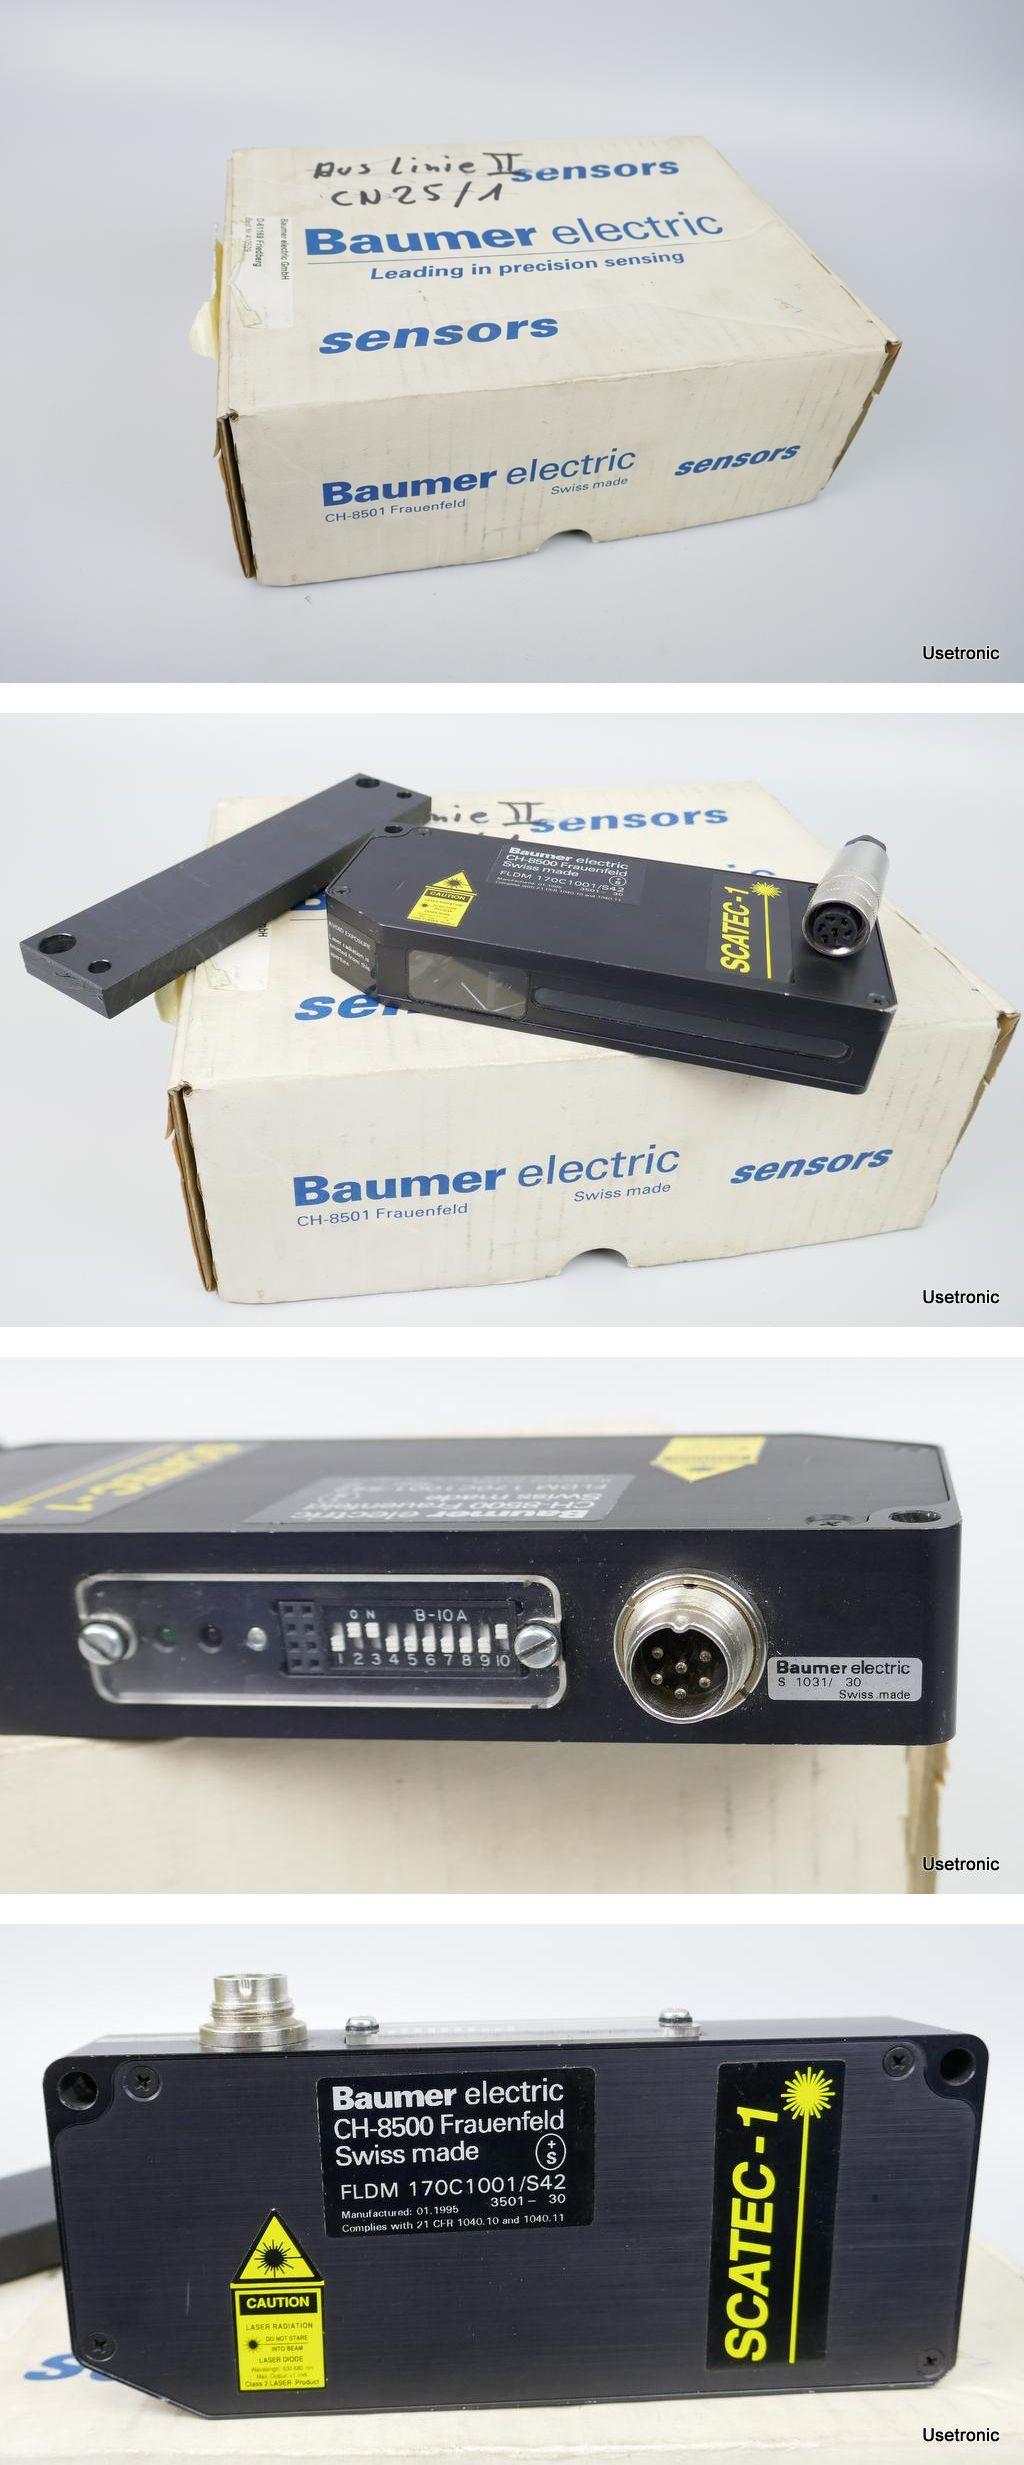 Baumer Scatec-1 FLDM 170C1001/S42